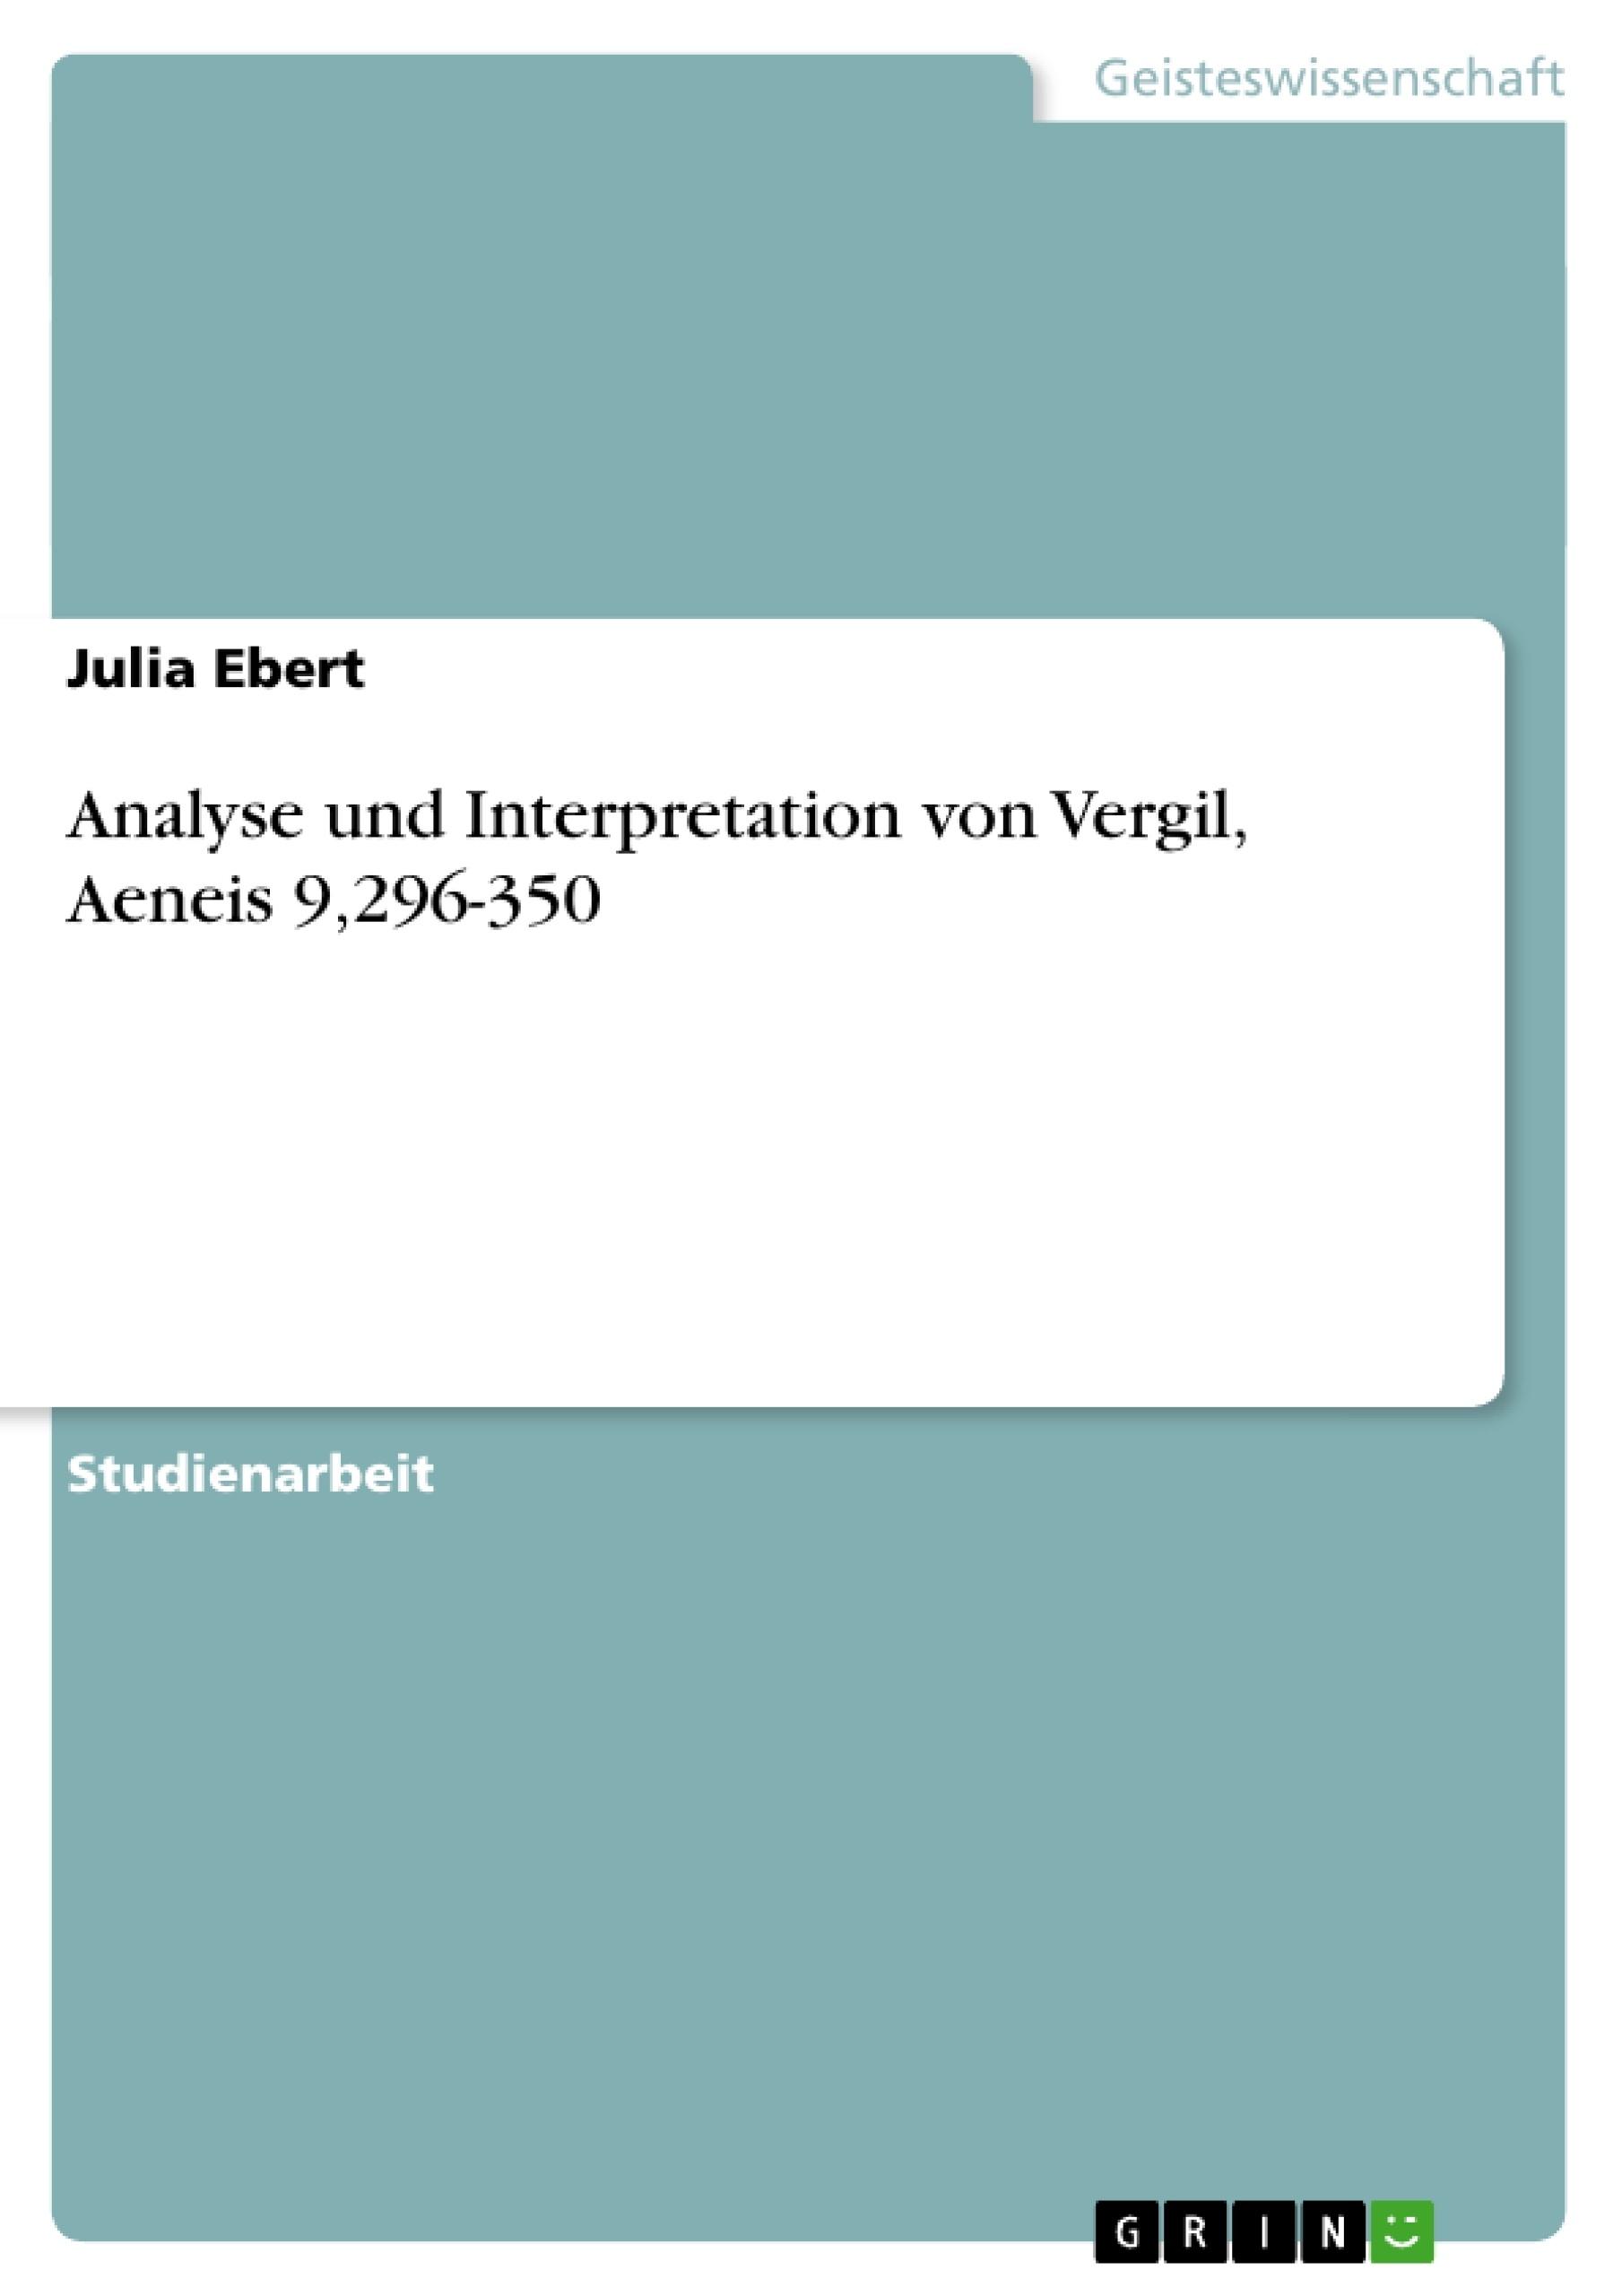 Titel: Analyse und Interpretation von Vergil, Aeneis 9,296-350